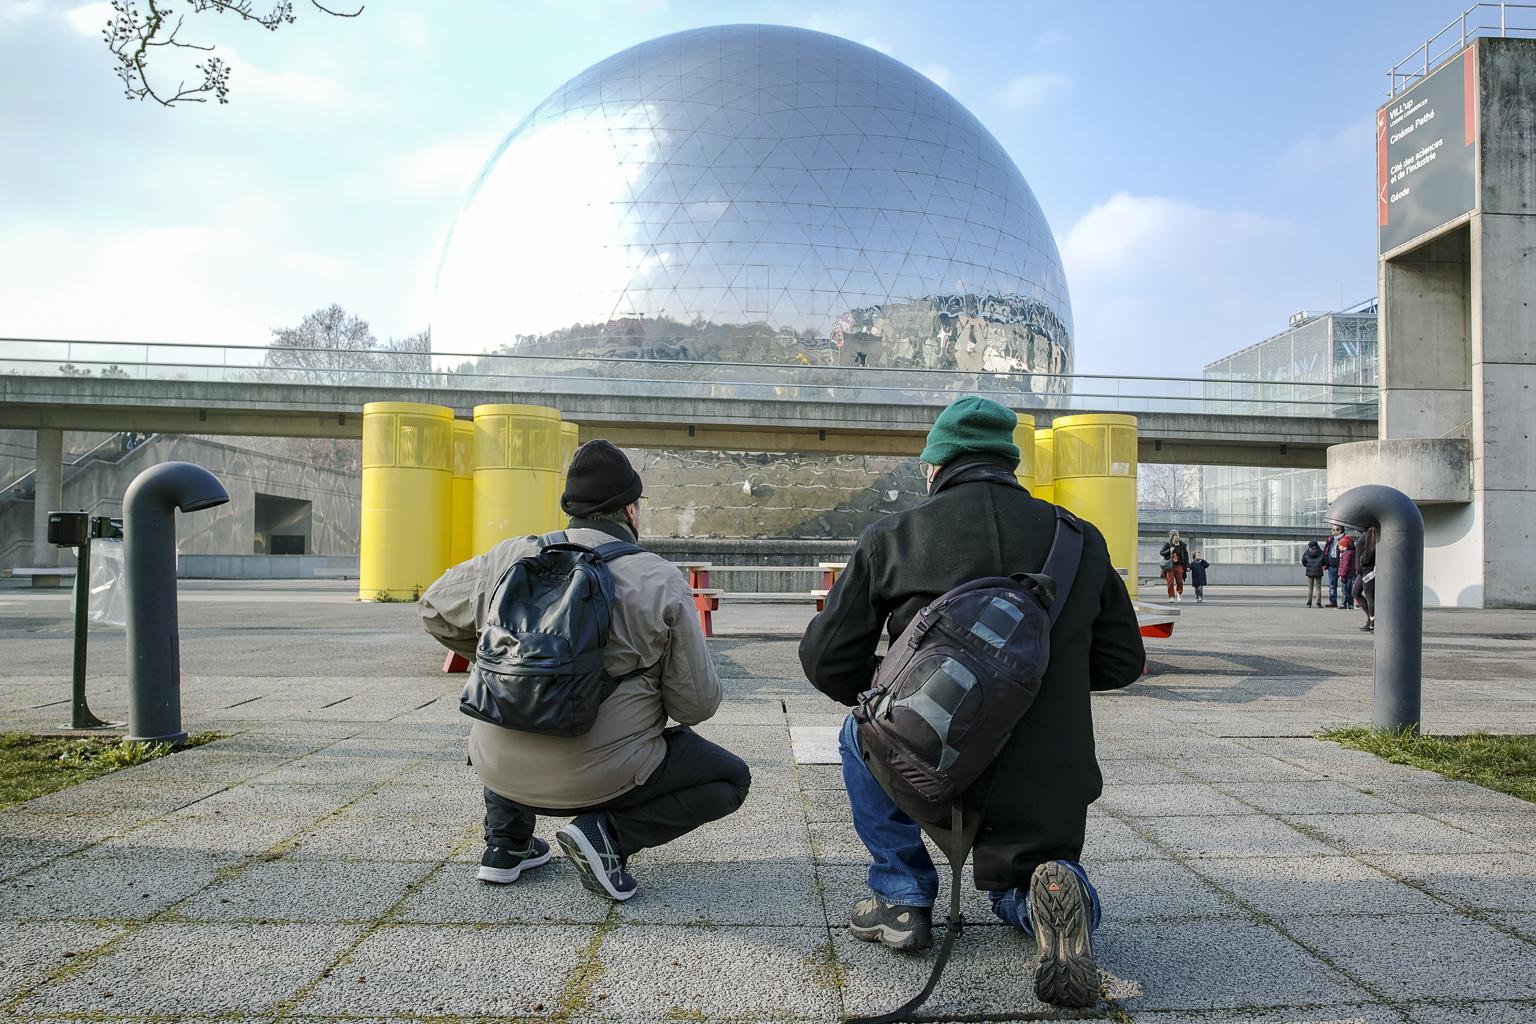 sortie foveon Paris le 21/02 - Page 2 26538059258_b1369224d7_o